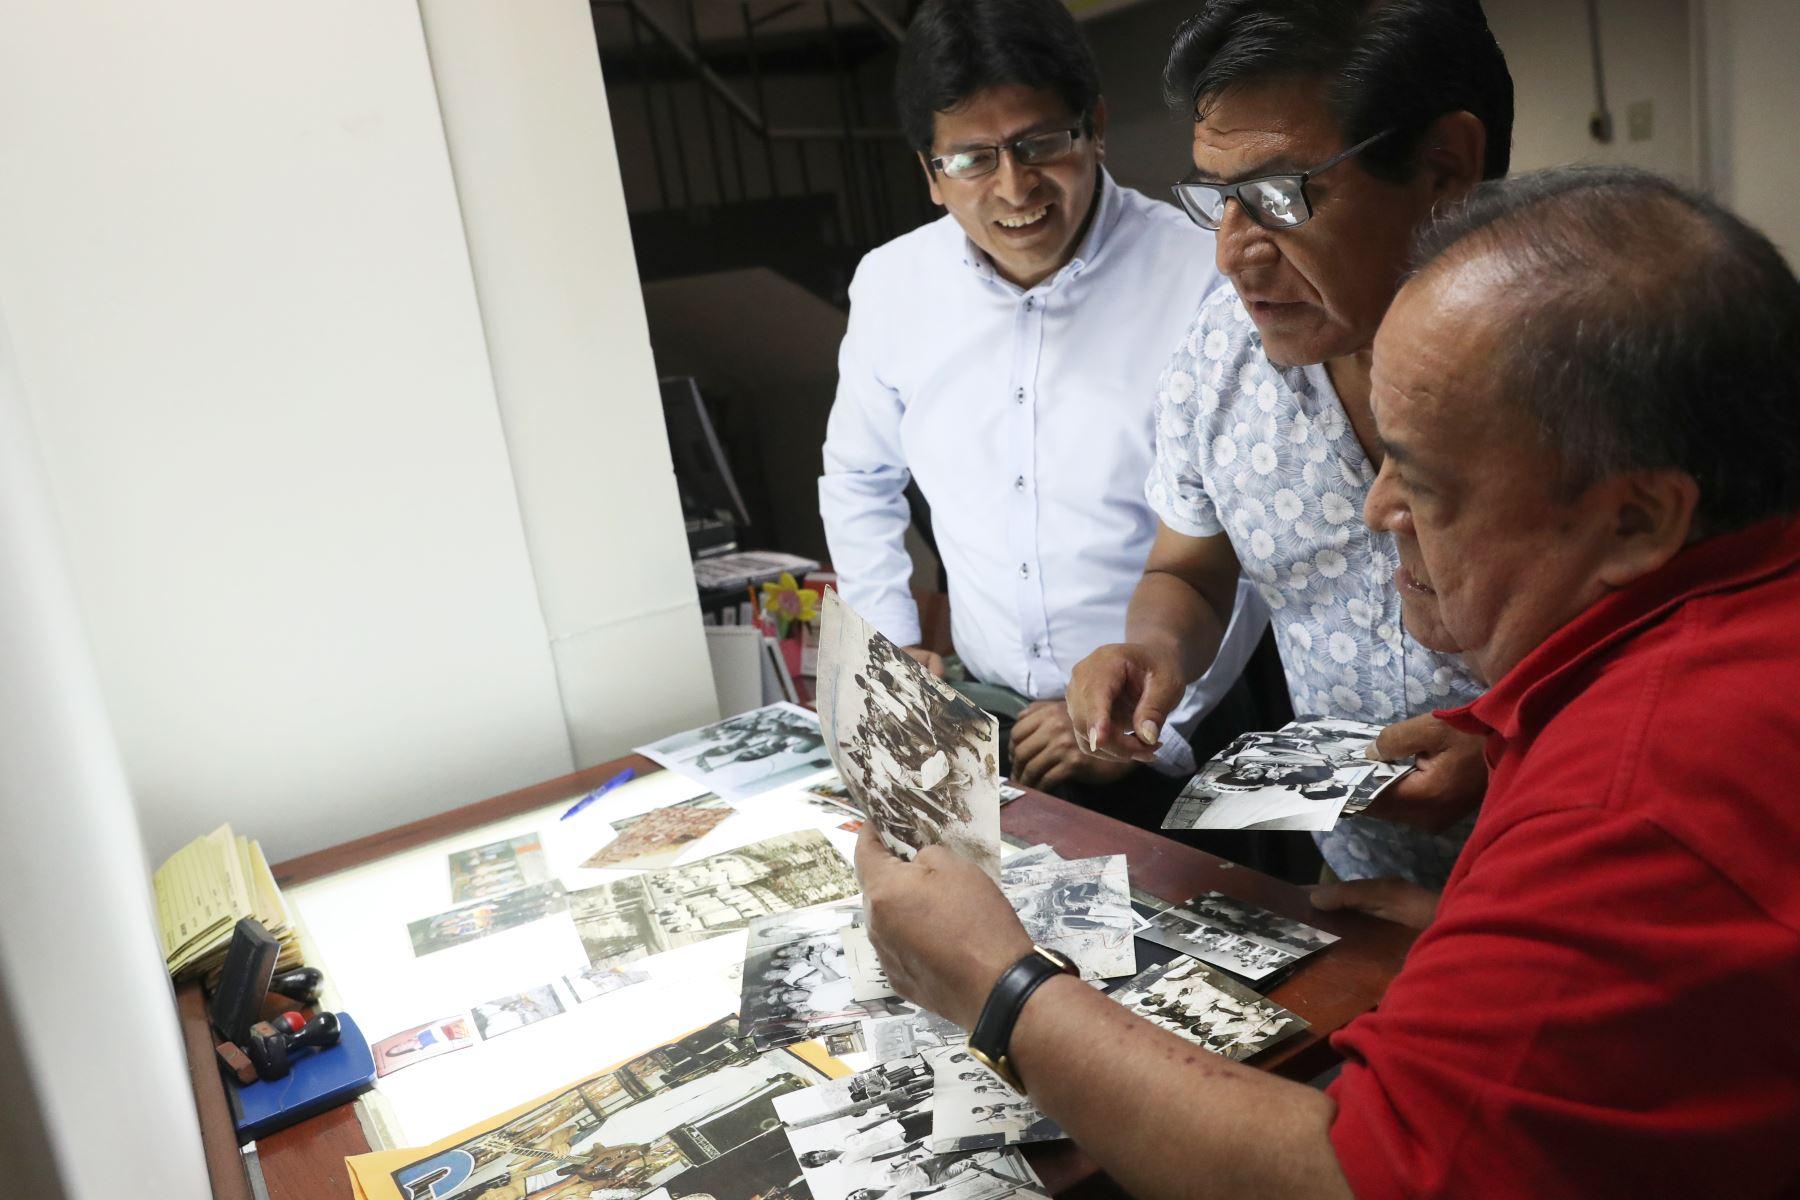 El encargado del archivo fotográfico los hizo disfrutar reviviendo  momentos cuando les mostró fotografías suyas en sus años de mayor fama. Foto: ANDINA/Melina Mejía